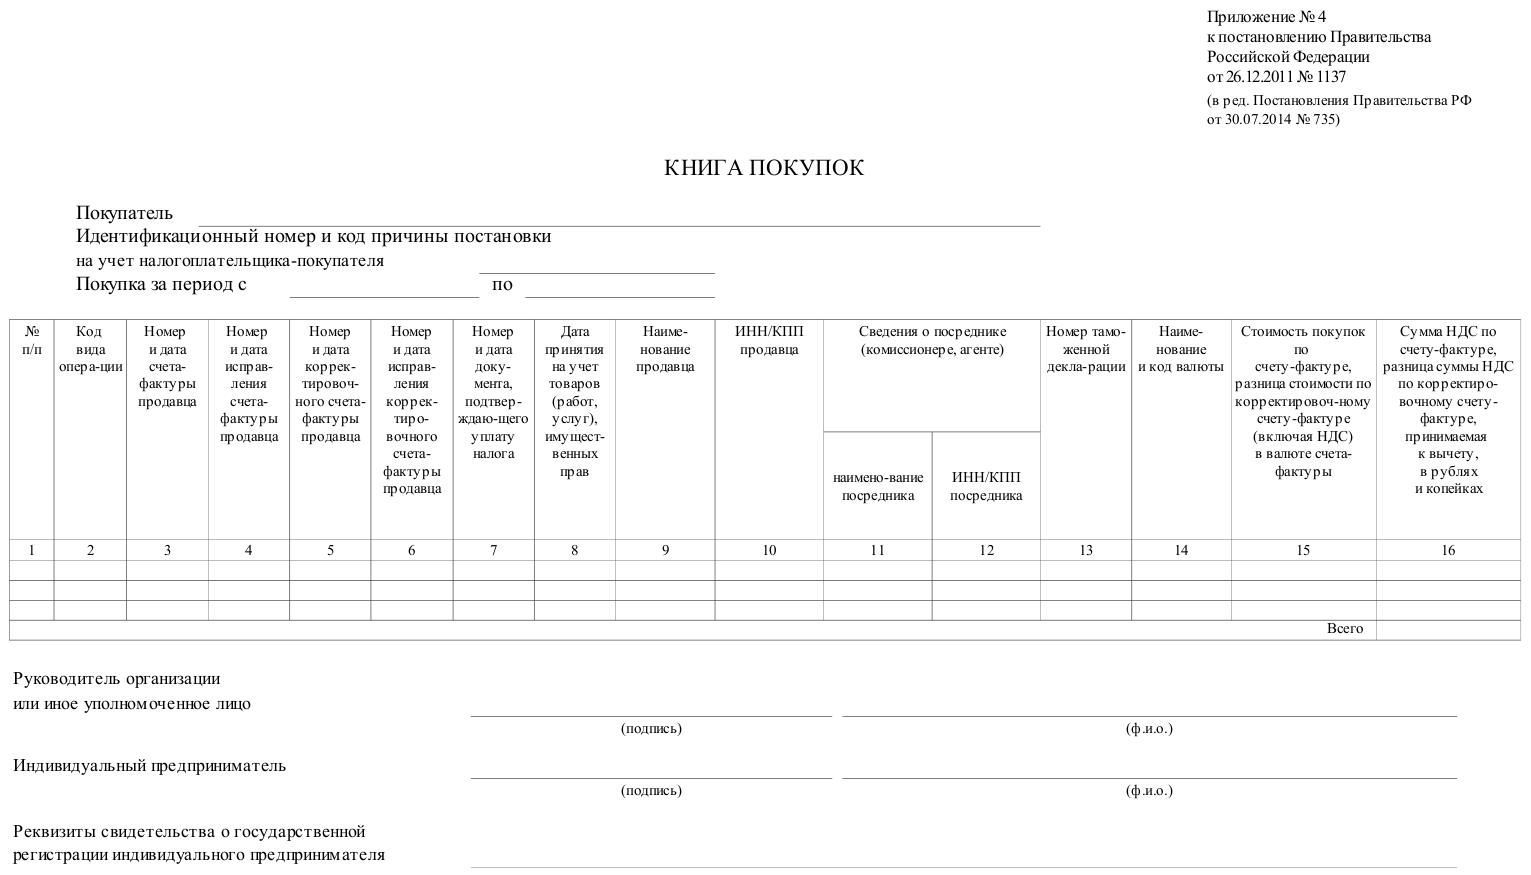 Приложение 1 к правилам ведения журналов учета полученных